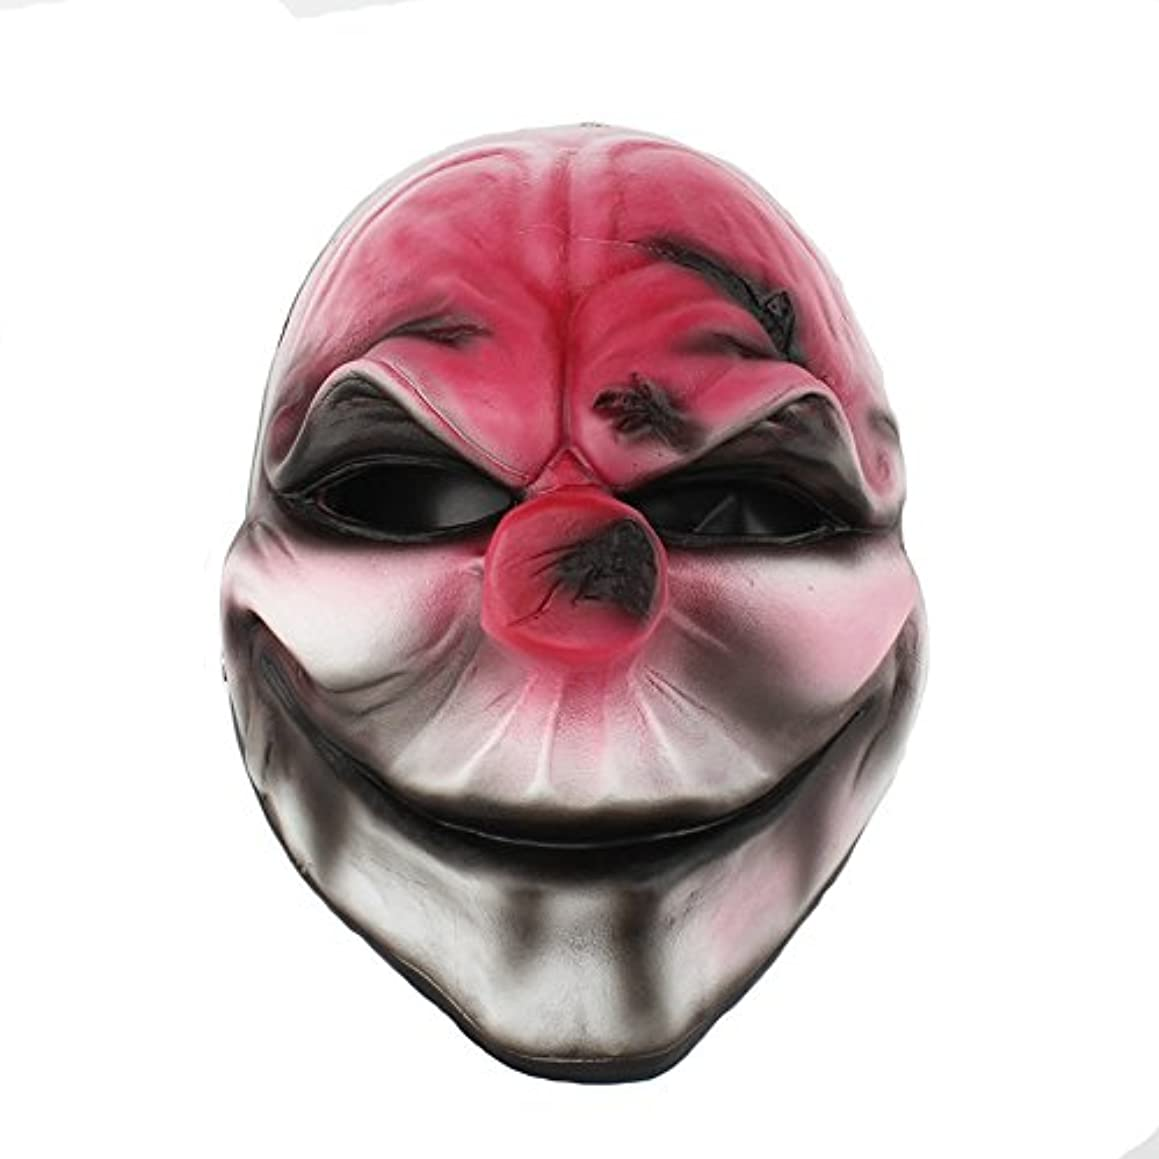 放牧する困惑するその結果ハロウィーン仮装パーティーキャラクタードレスアップ樹脂マスク収穫日2シリーズ新しい赤い頭